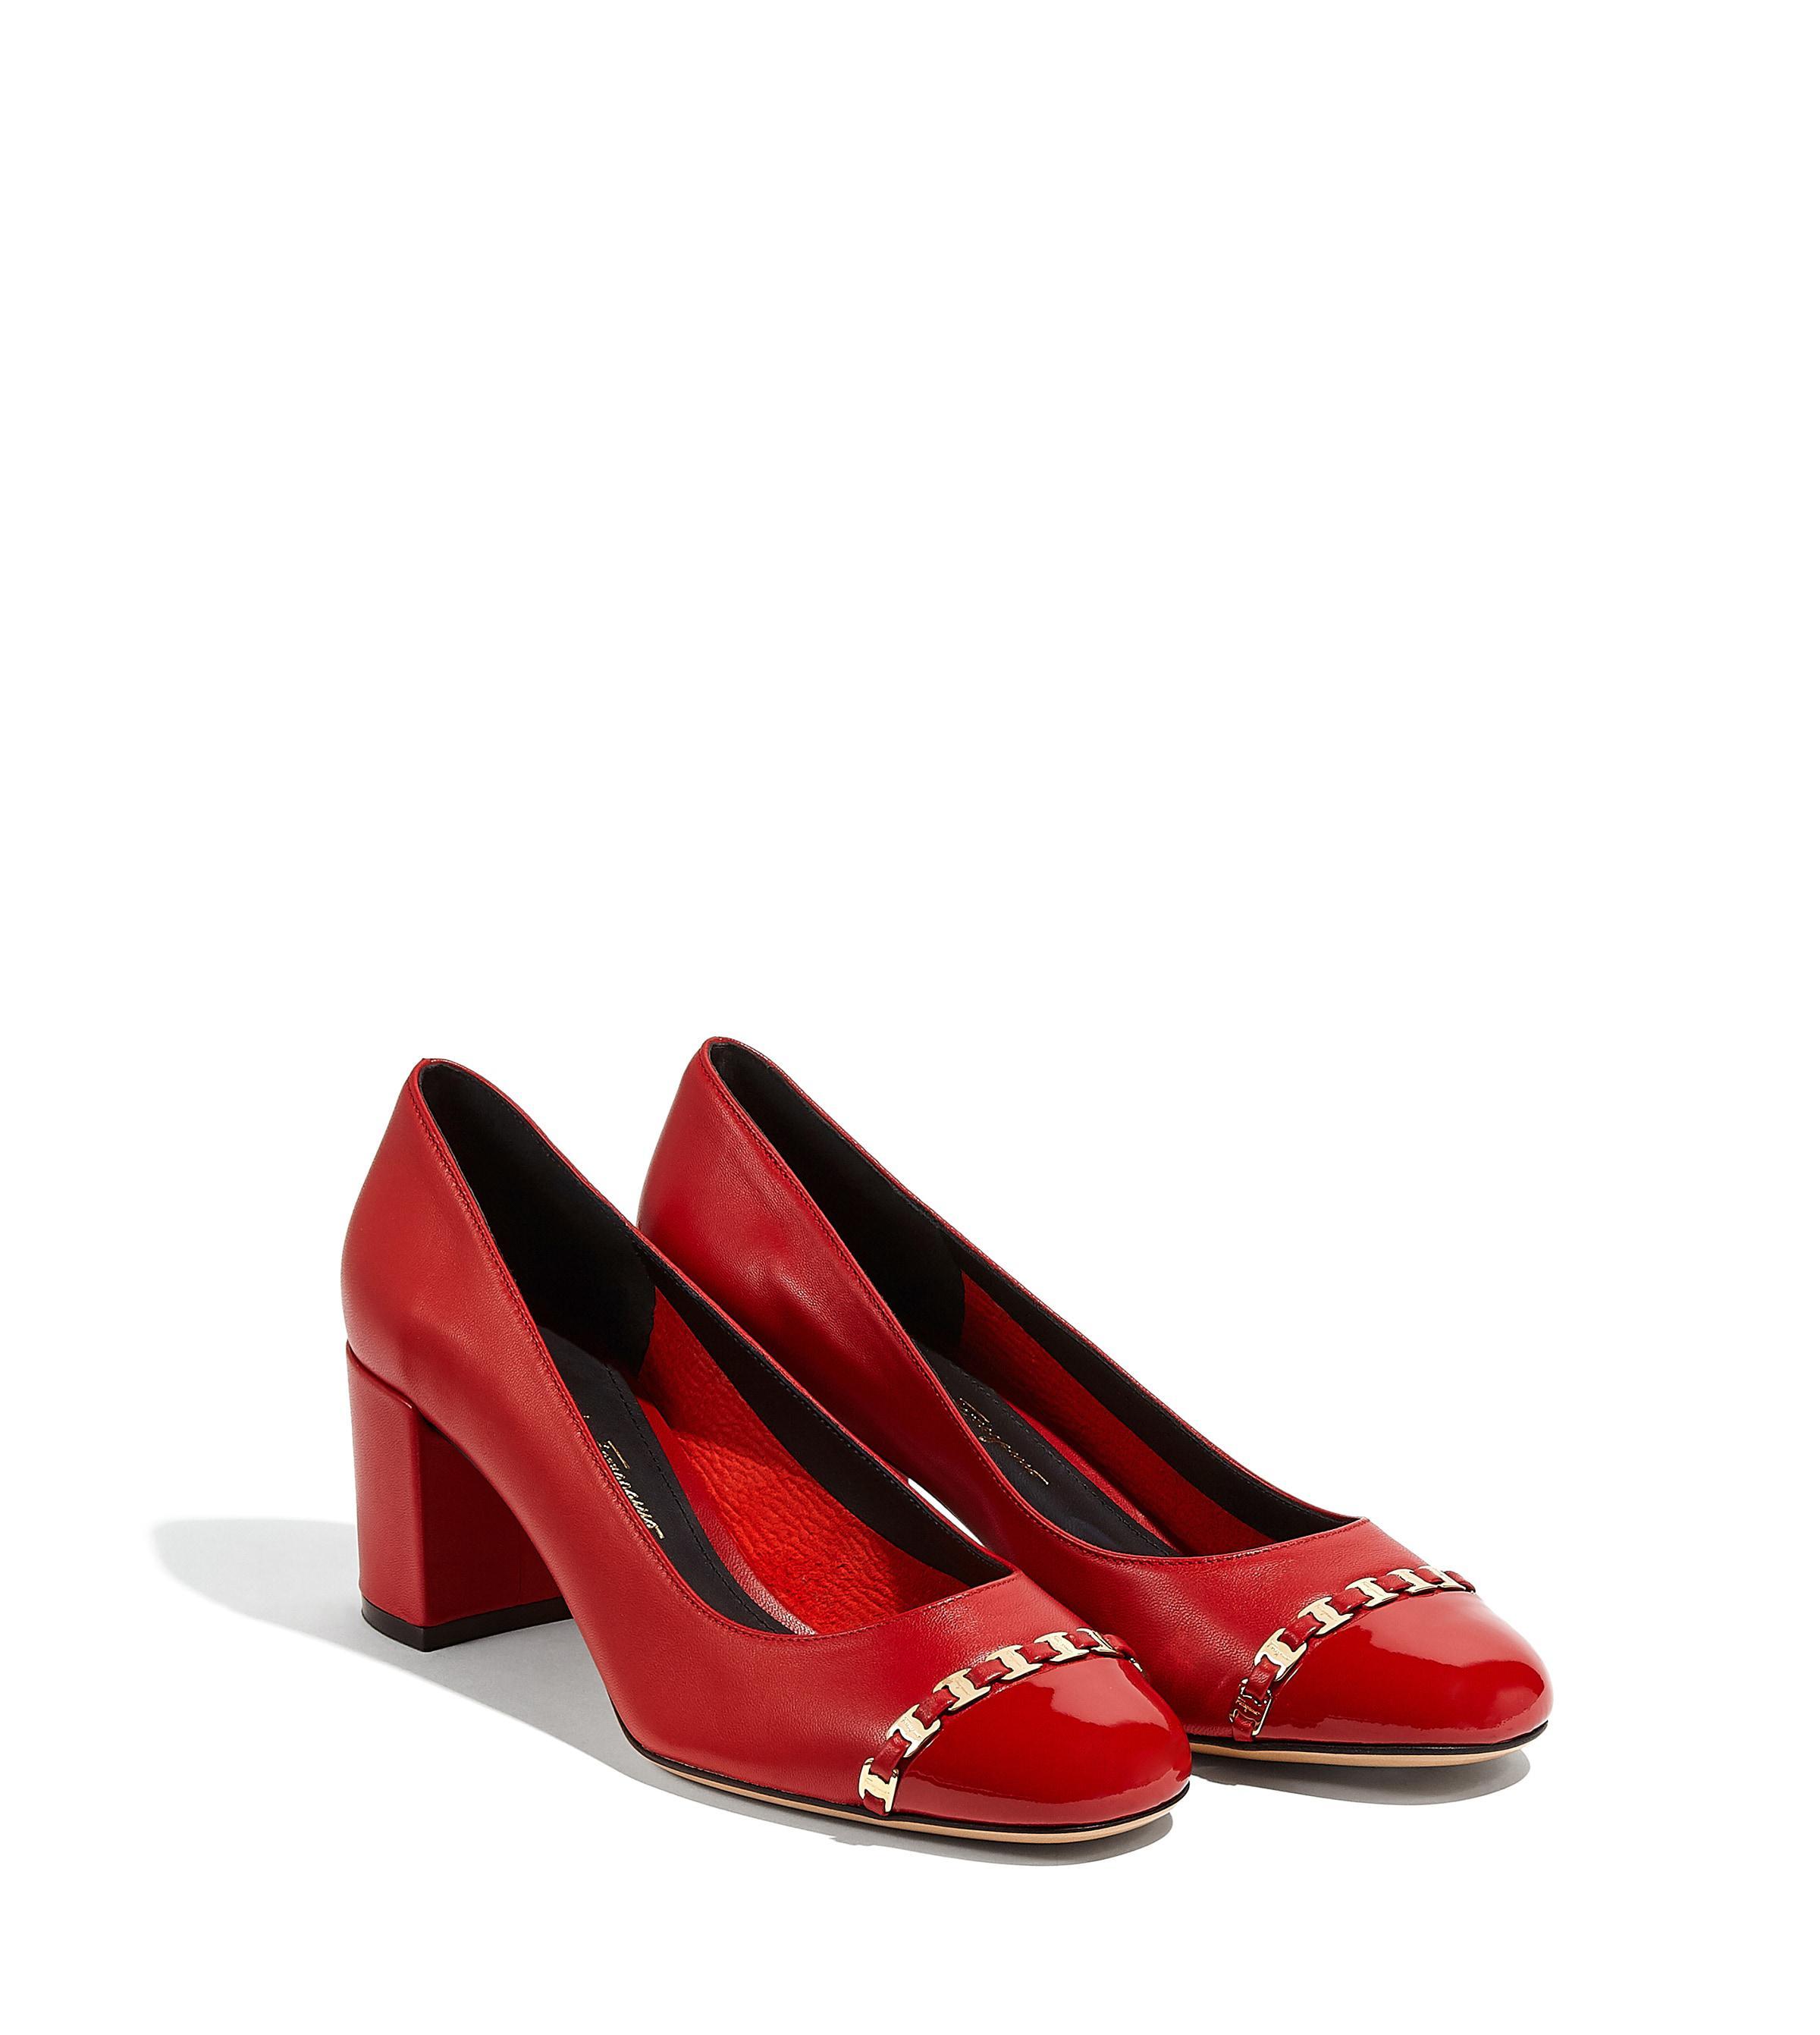 7d5f164dc5f3 Lyst - Ferragamo Vara Chain Pump Shoe in Red